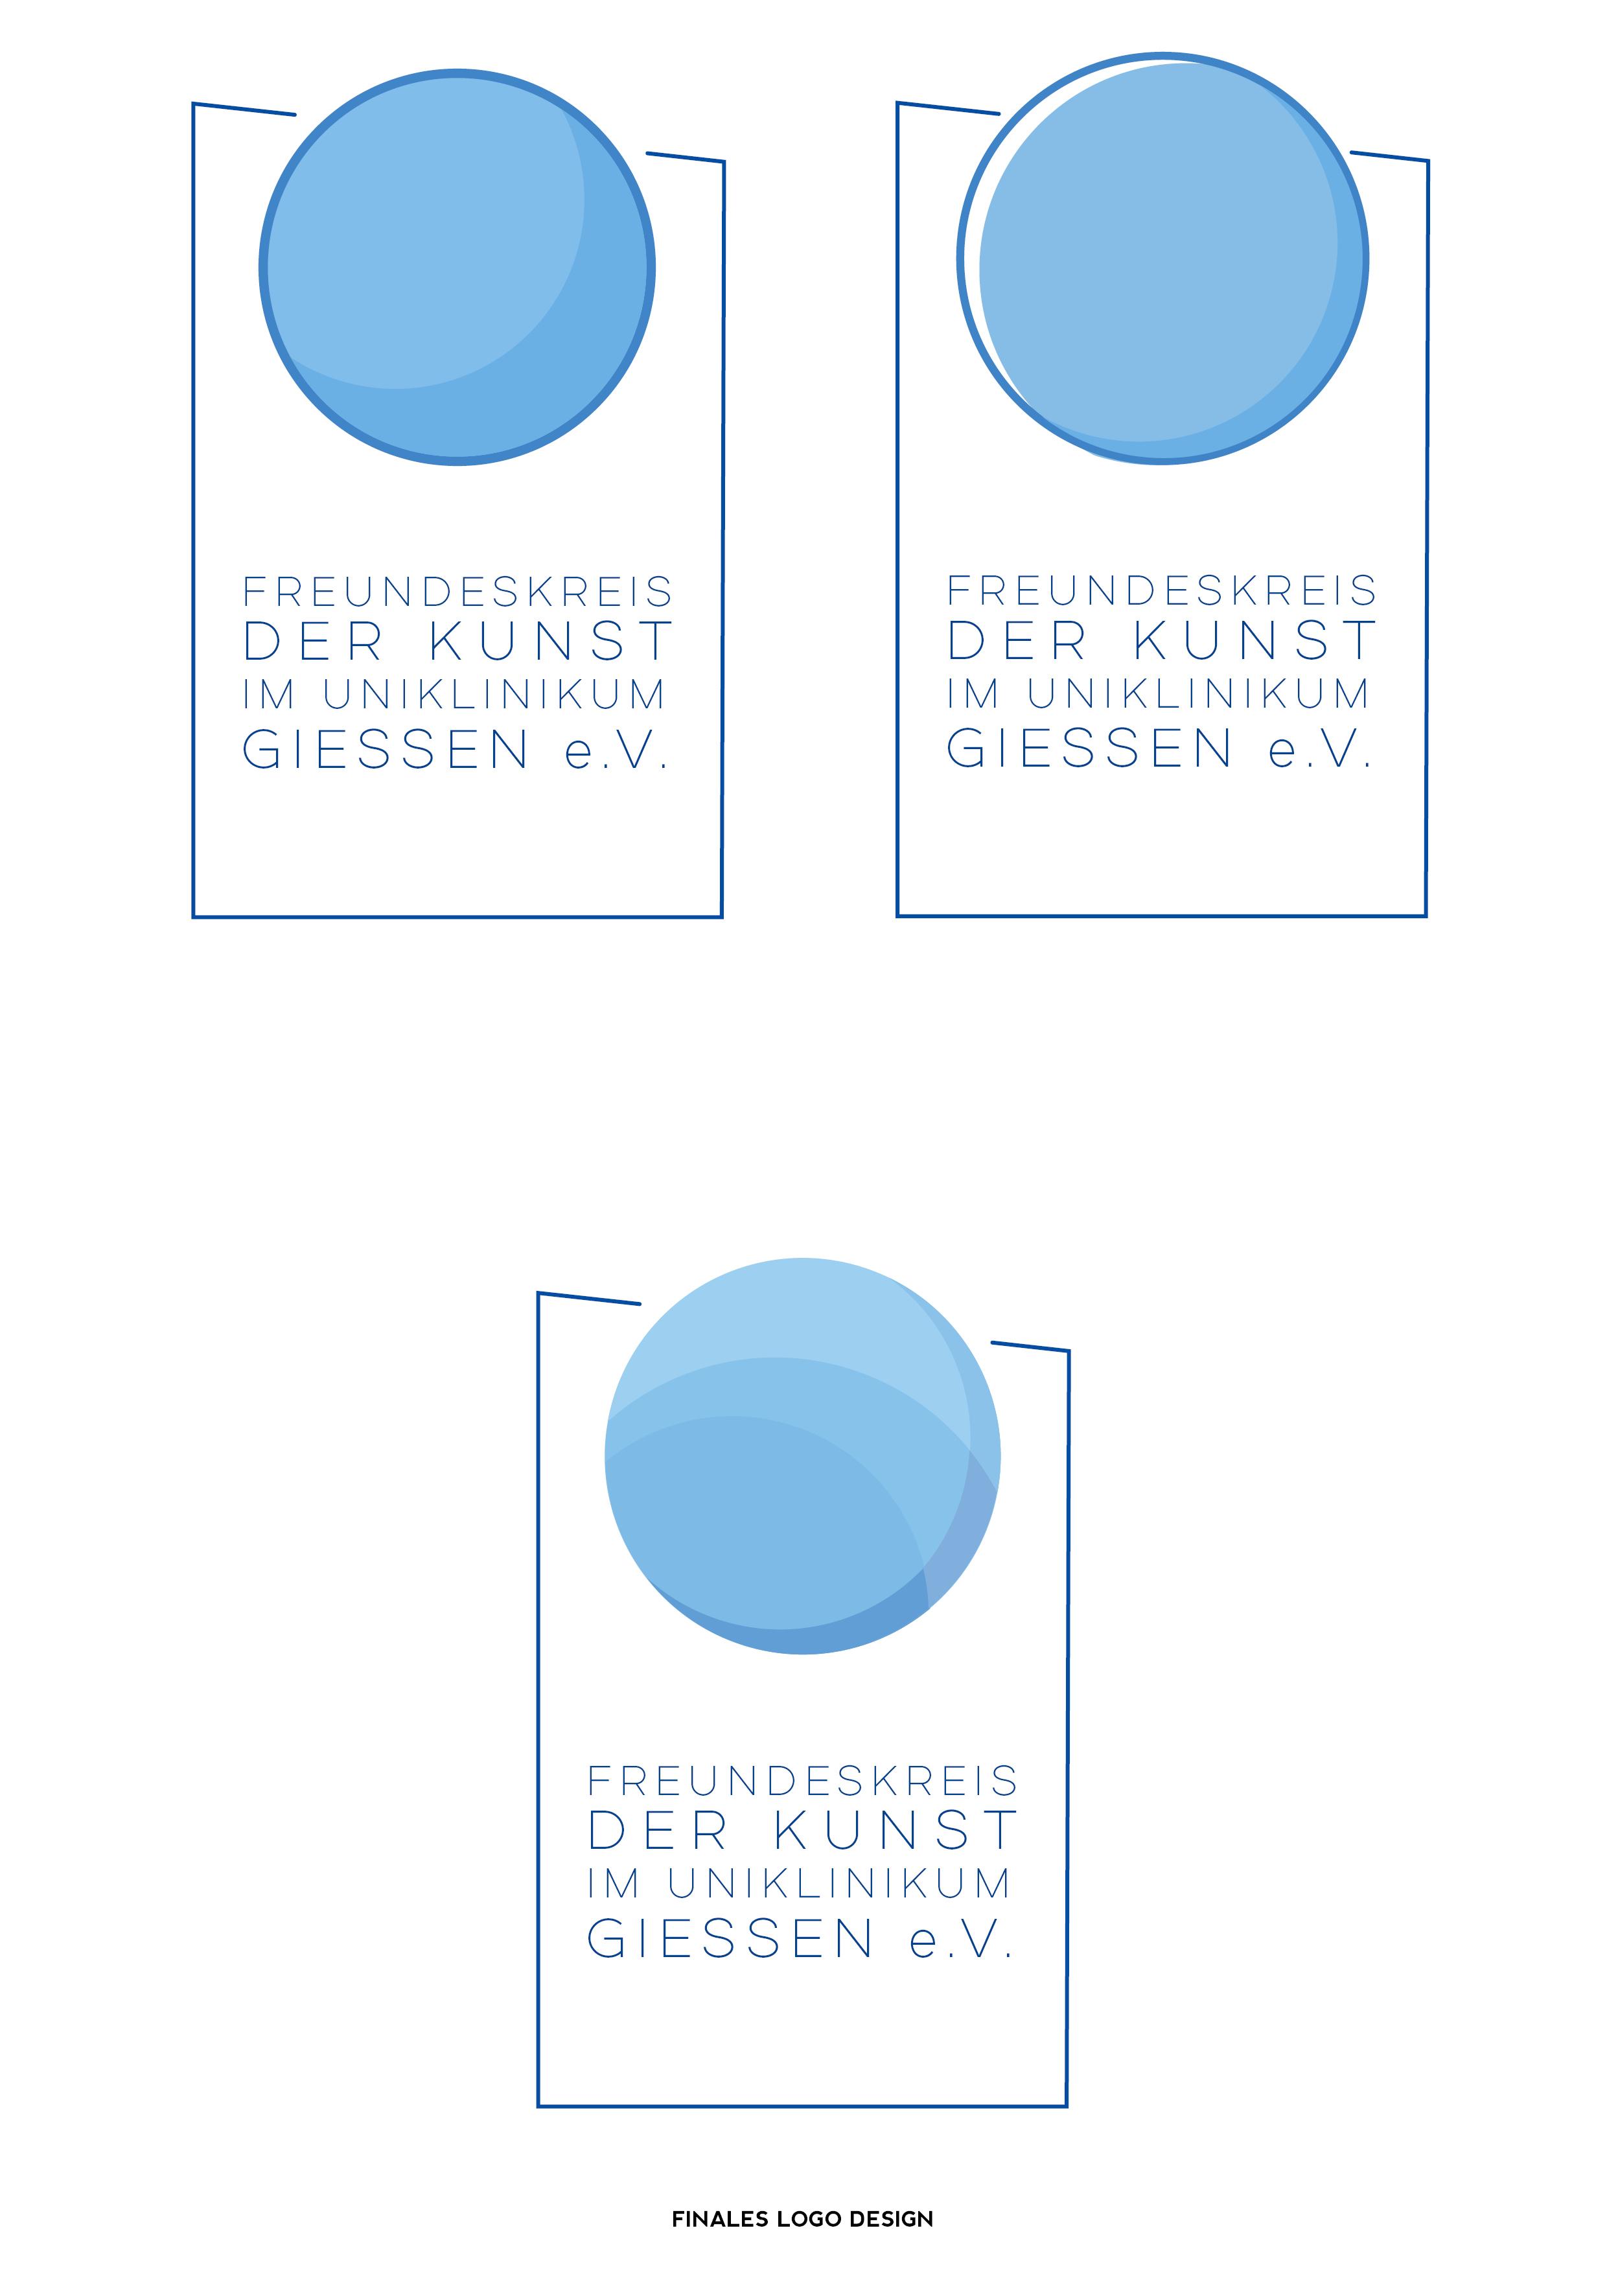 moodboard_freundeskreis_der_kunst02_web